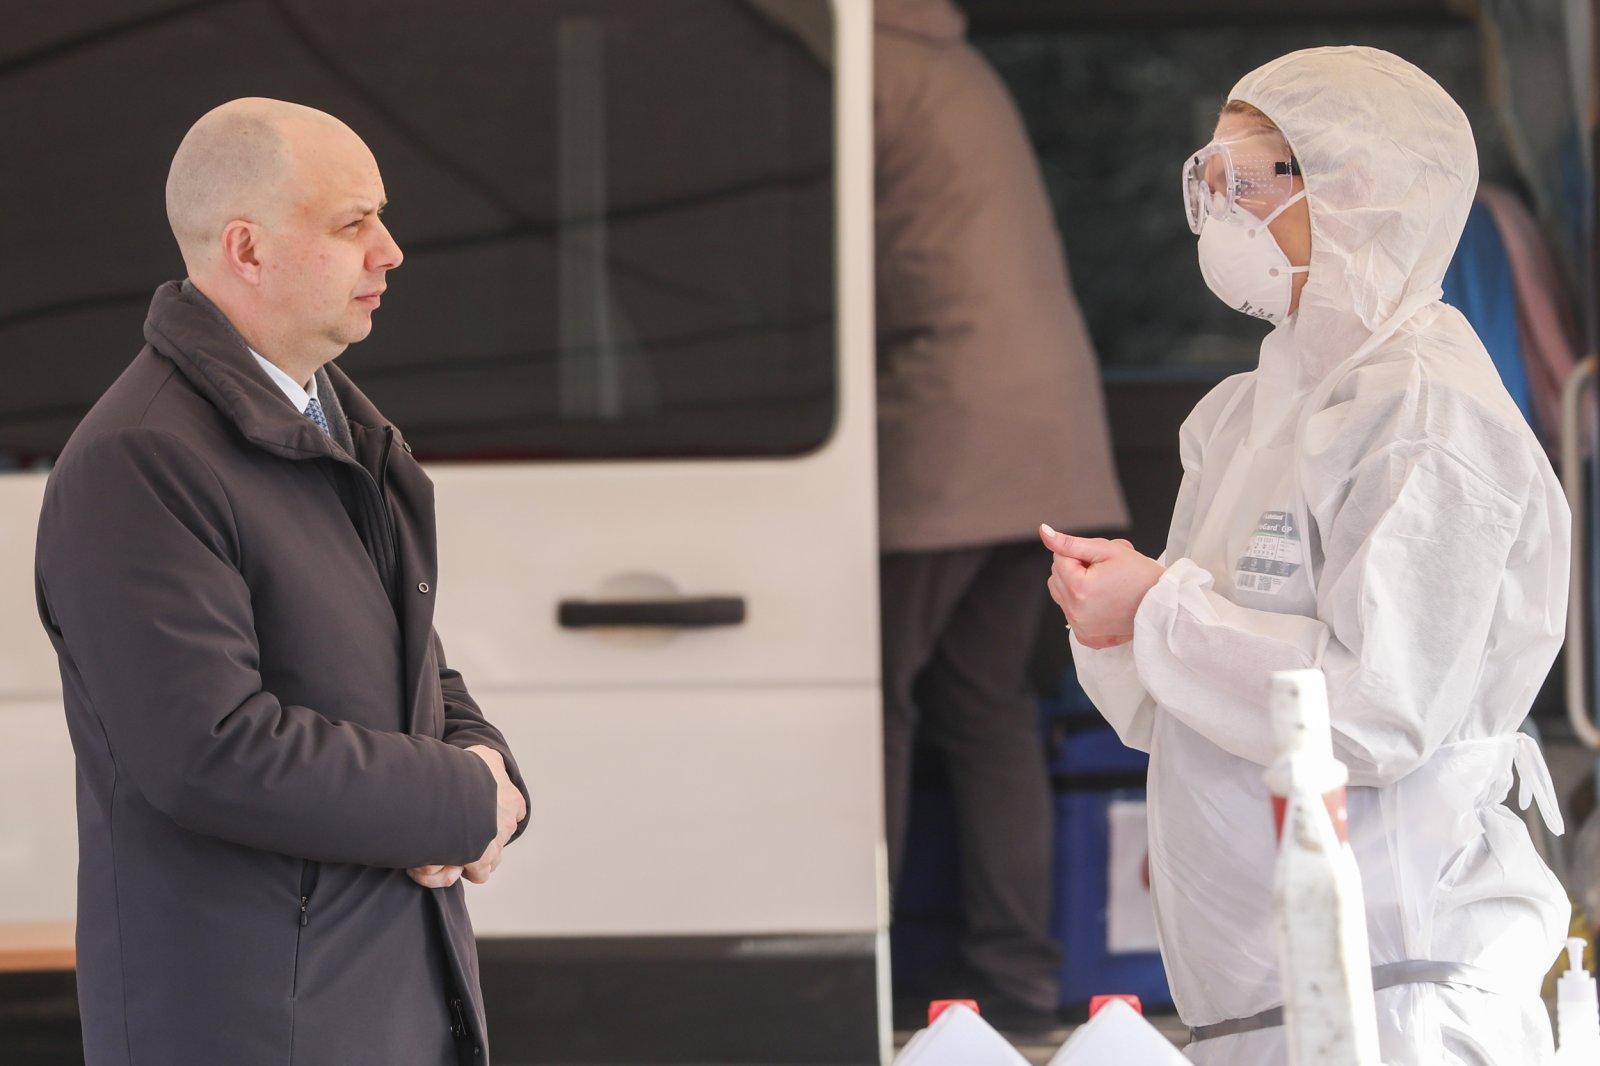 Sveikatos apsaugos ministrui Aurelijui Verygai visuomenė turi daug pretenzijų dėl perteklinių draudimų, ribojimų koronaviruso pandemijos metu | Eltos nuotr.